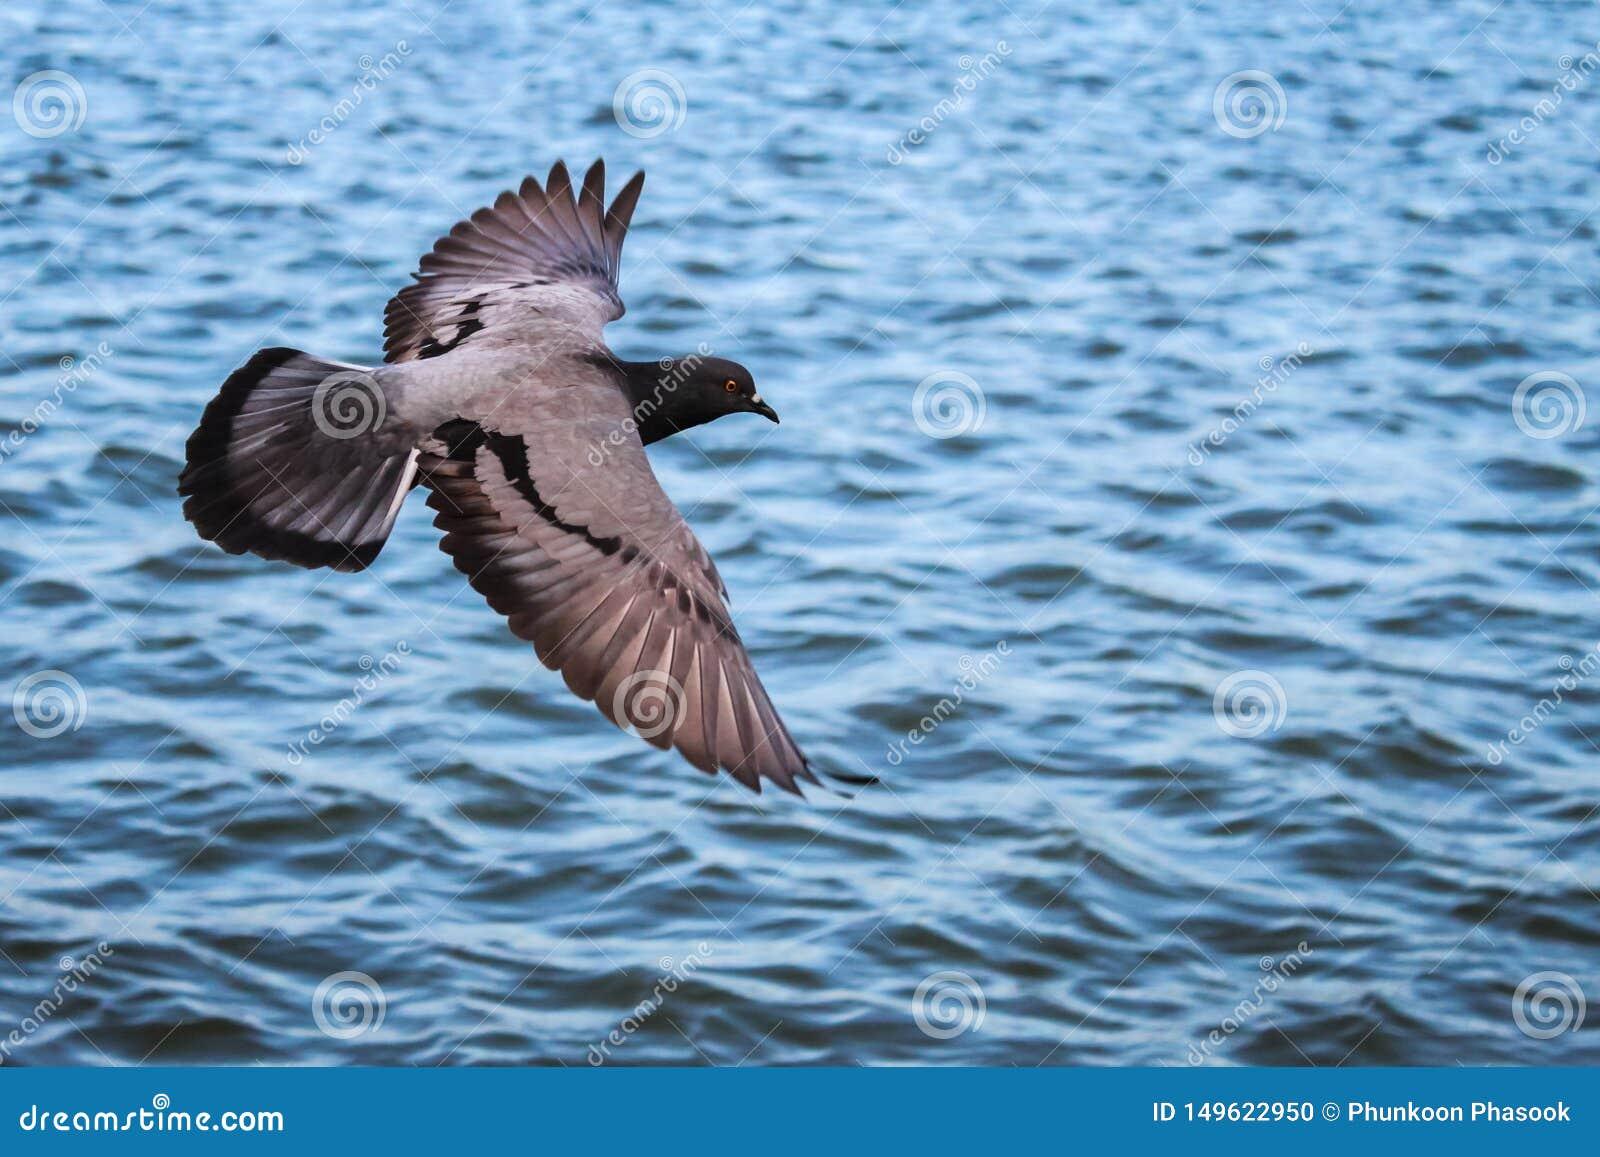 Летание голубя над водой, с путем клиппирования